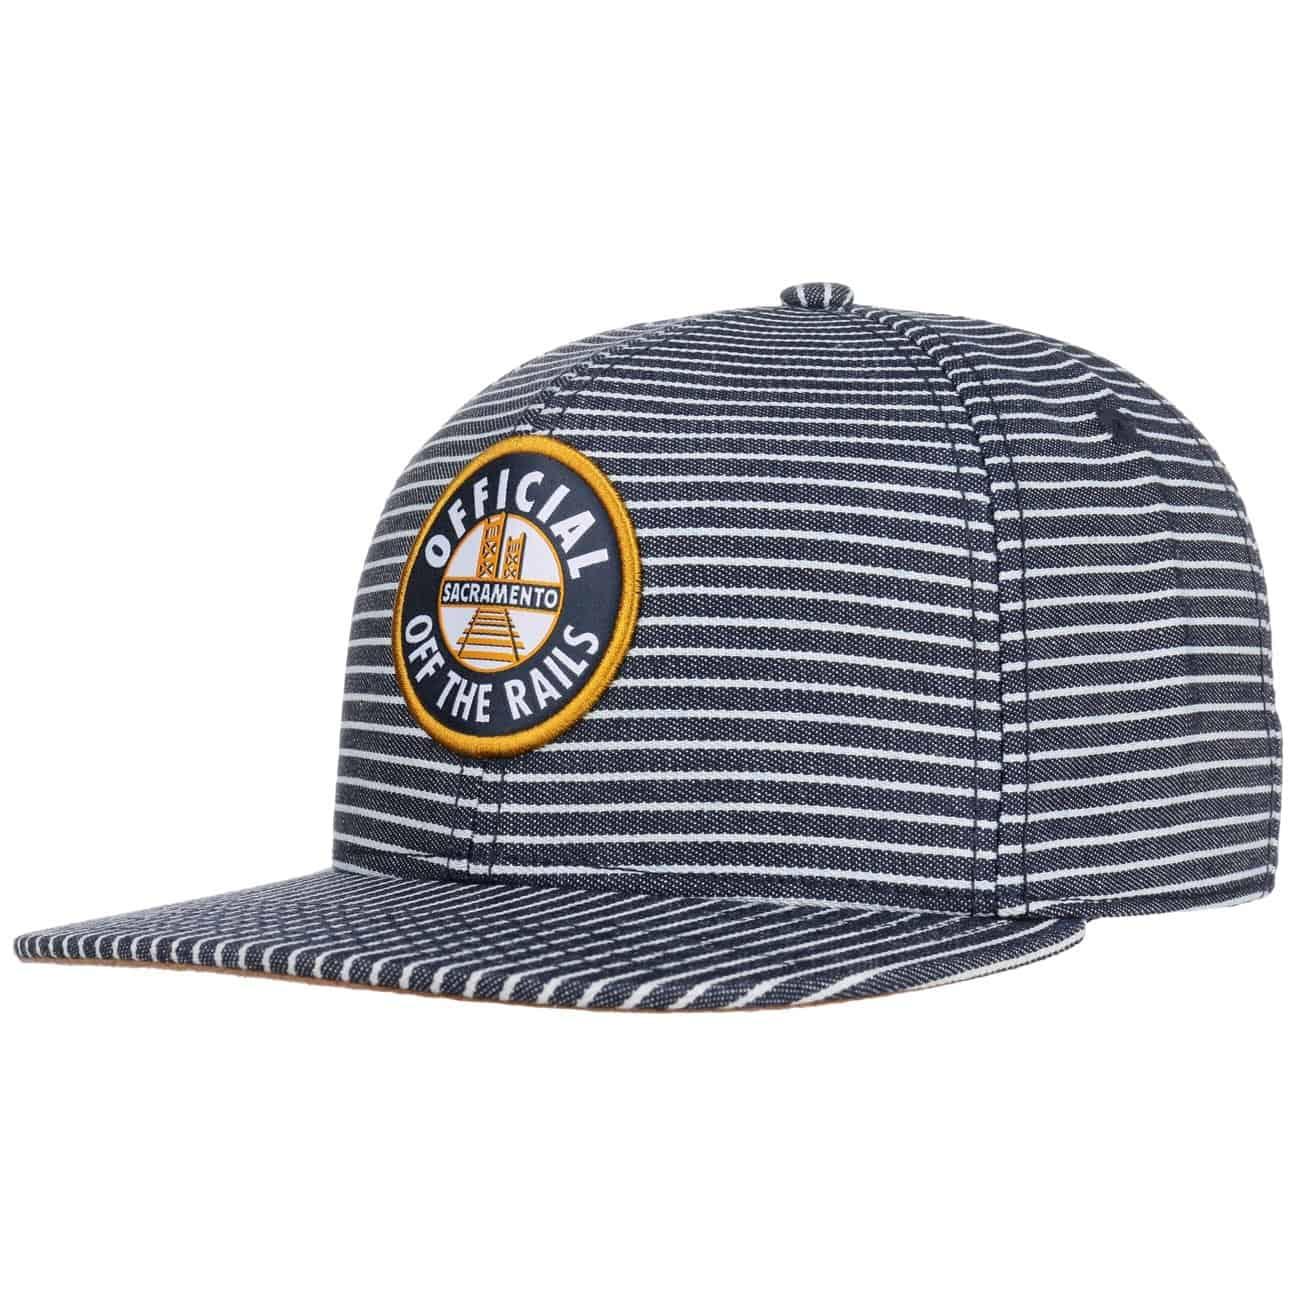 Casquette Roadman Snapback by Official Headwear  baseball cap